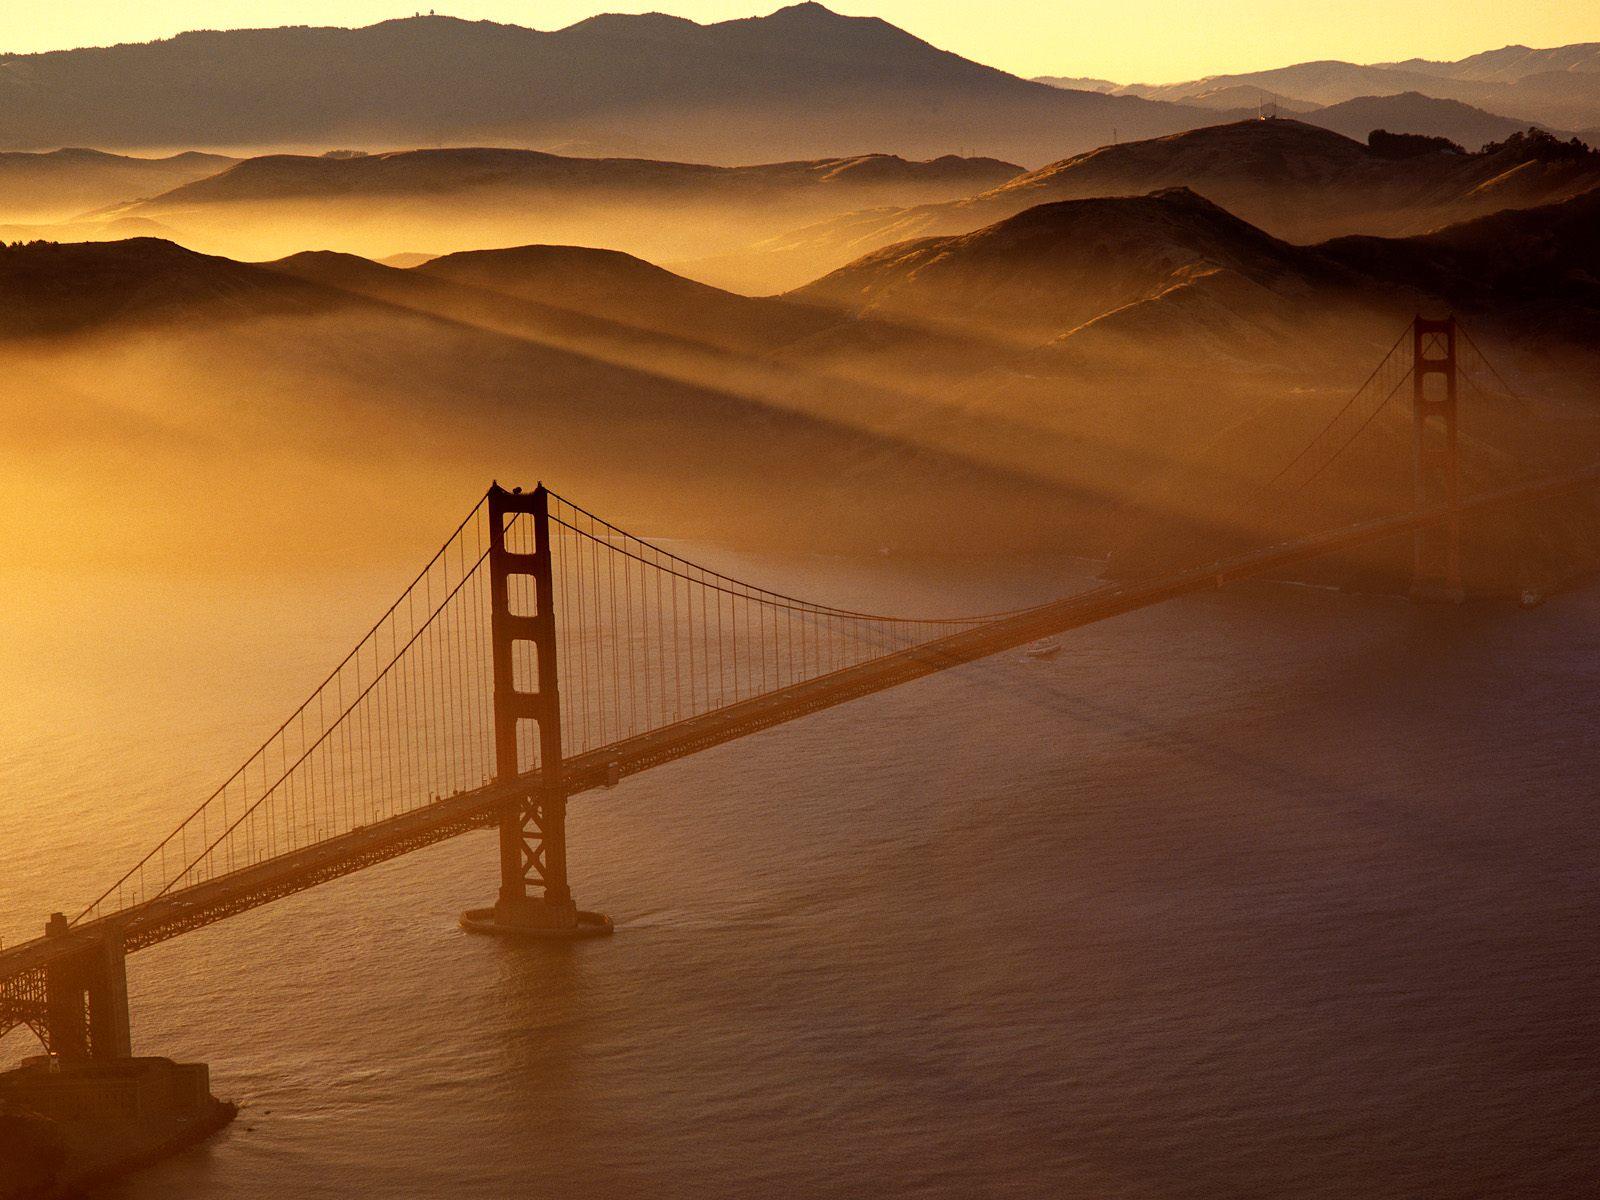 Golden_Gate_bridge__San_Francisco__California___USA